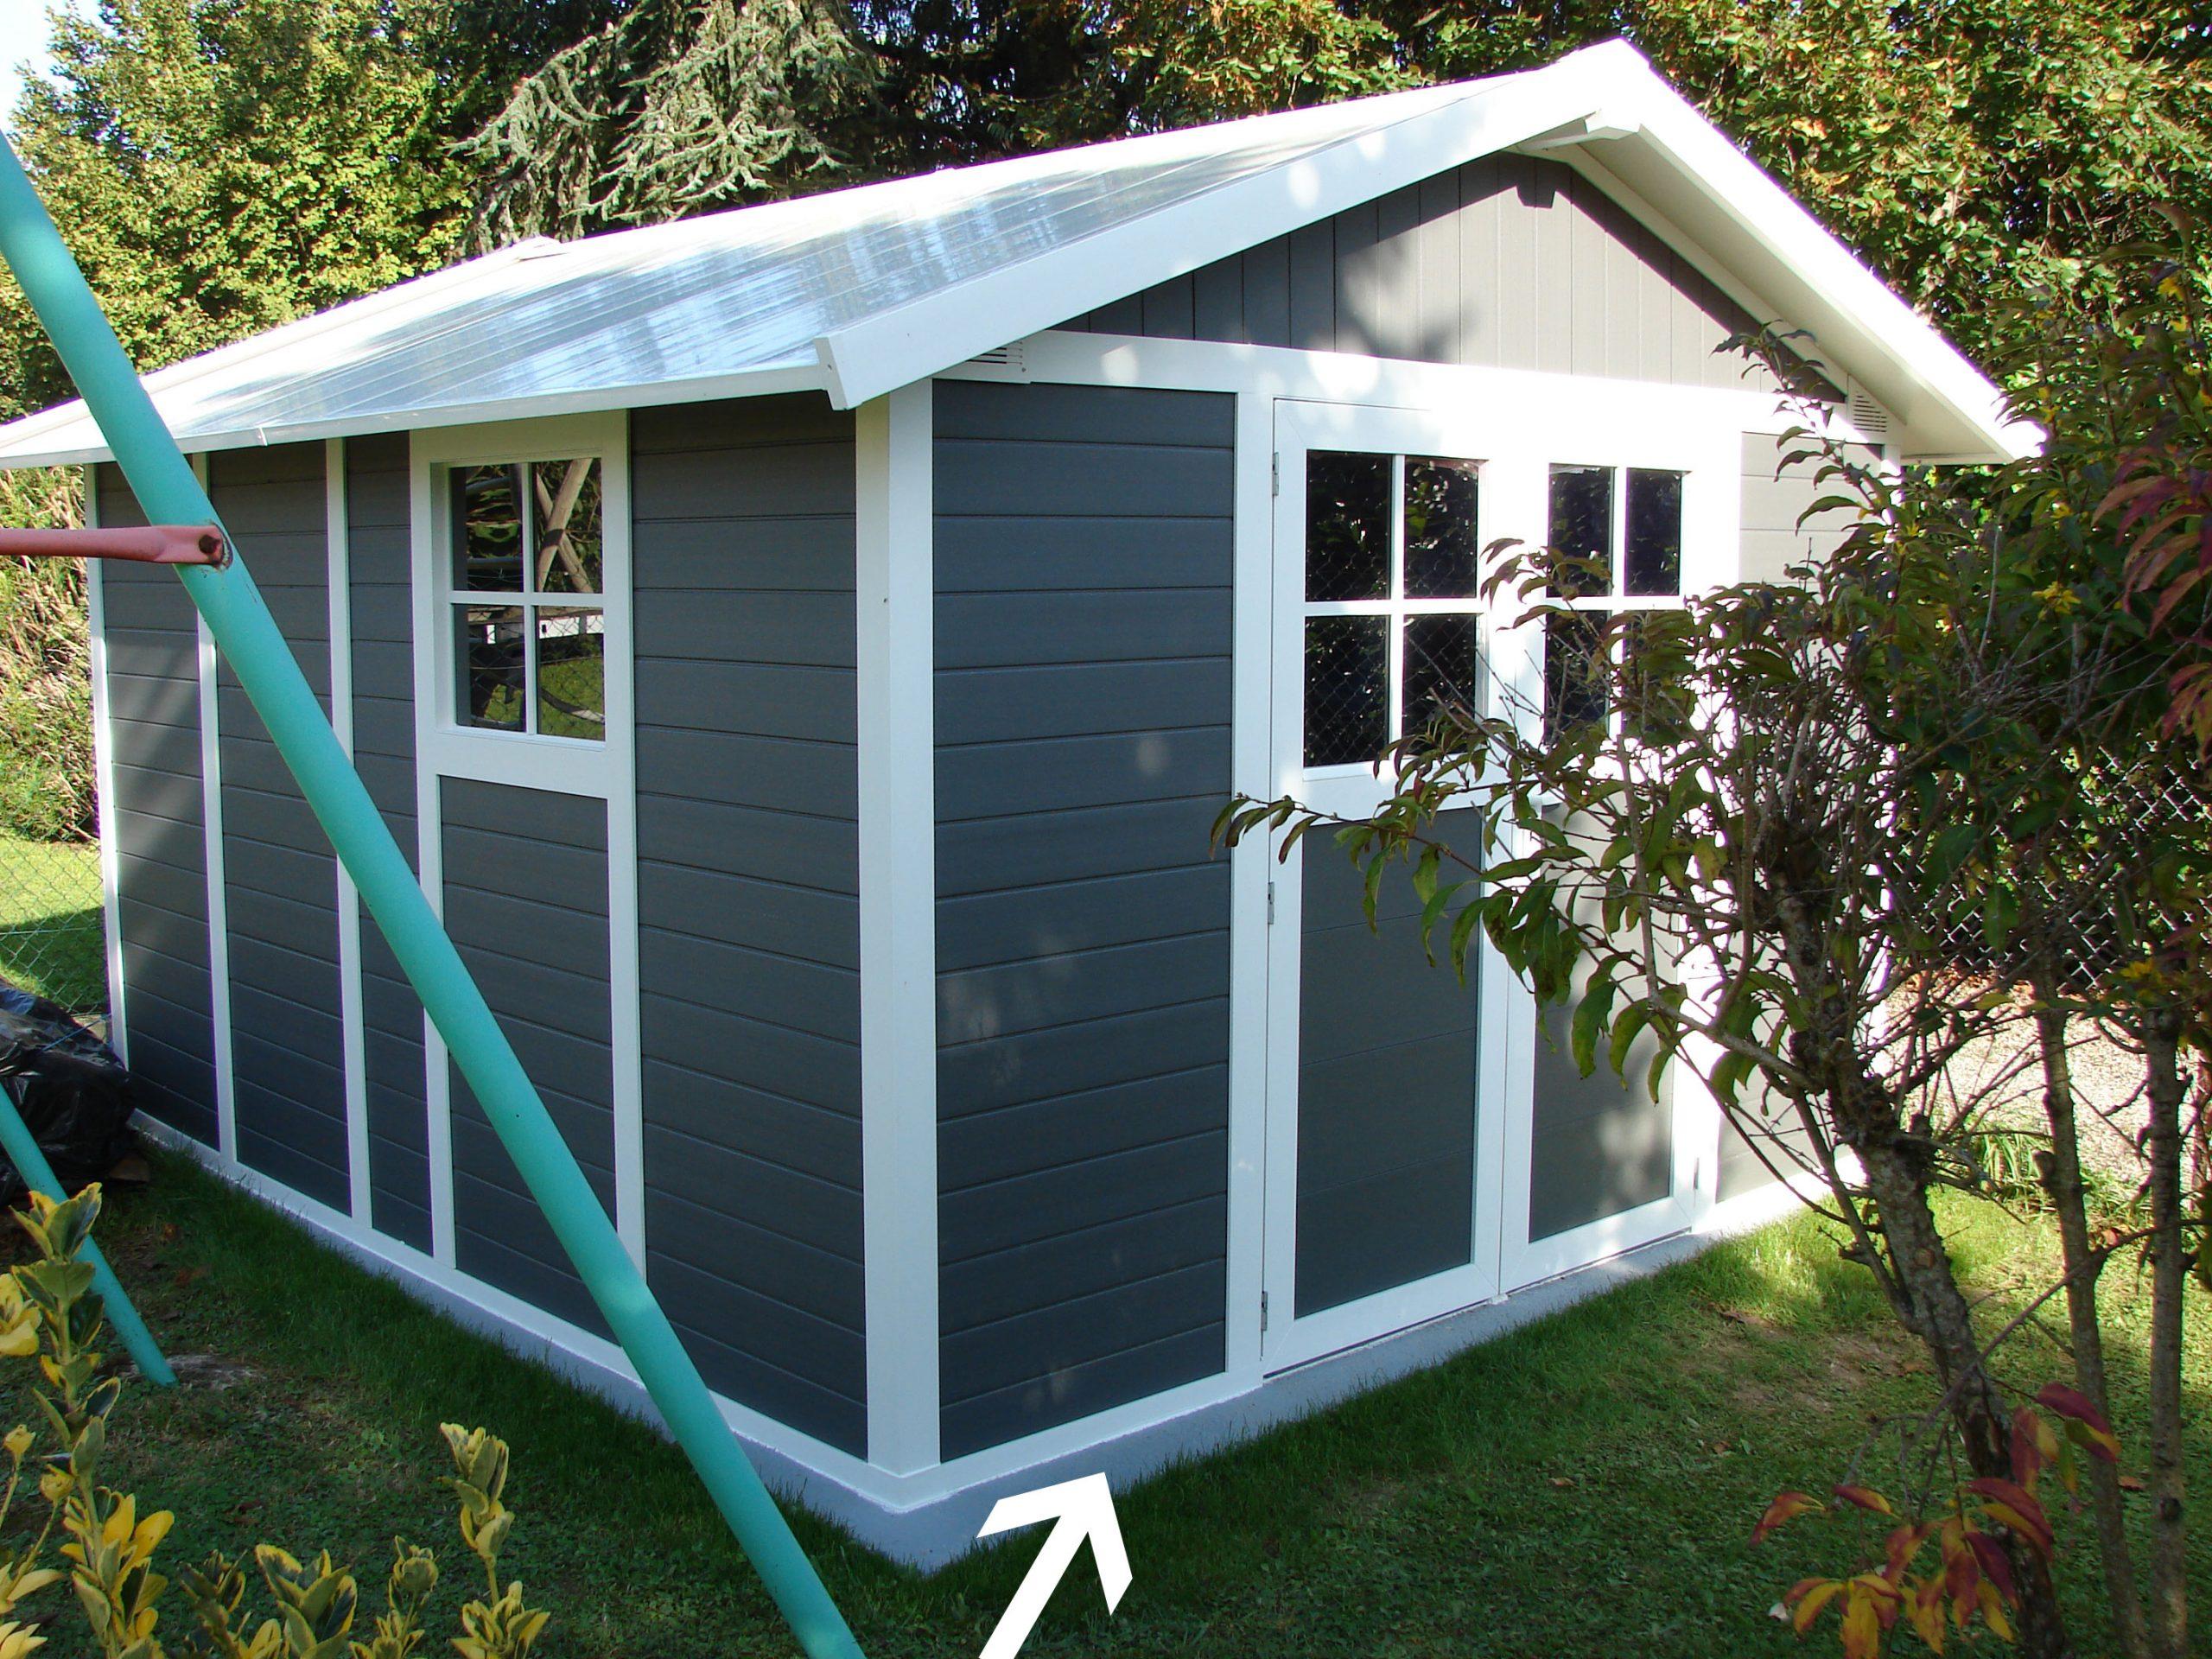 Comment Construire Un Abri De Jardin ? dedans Construire Une Cabane De Jardin